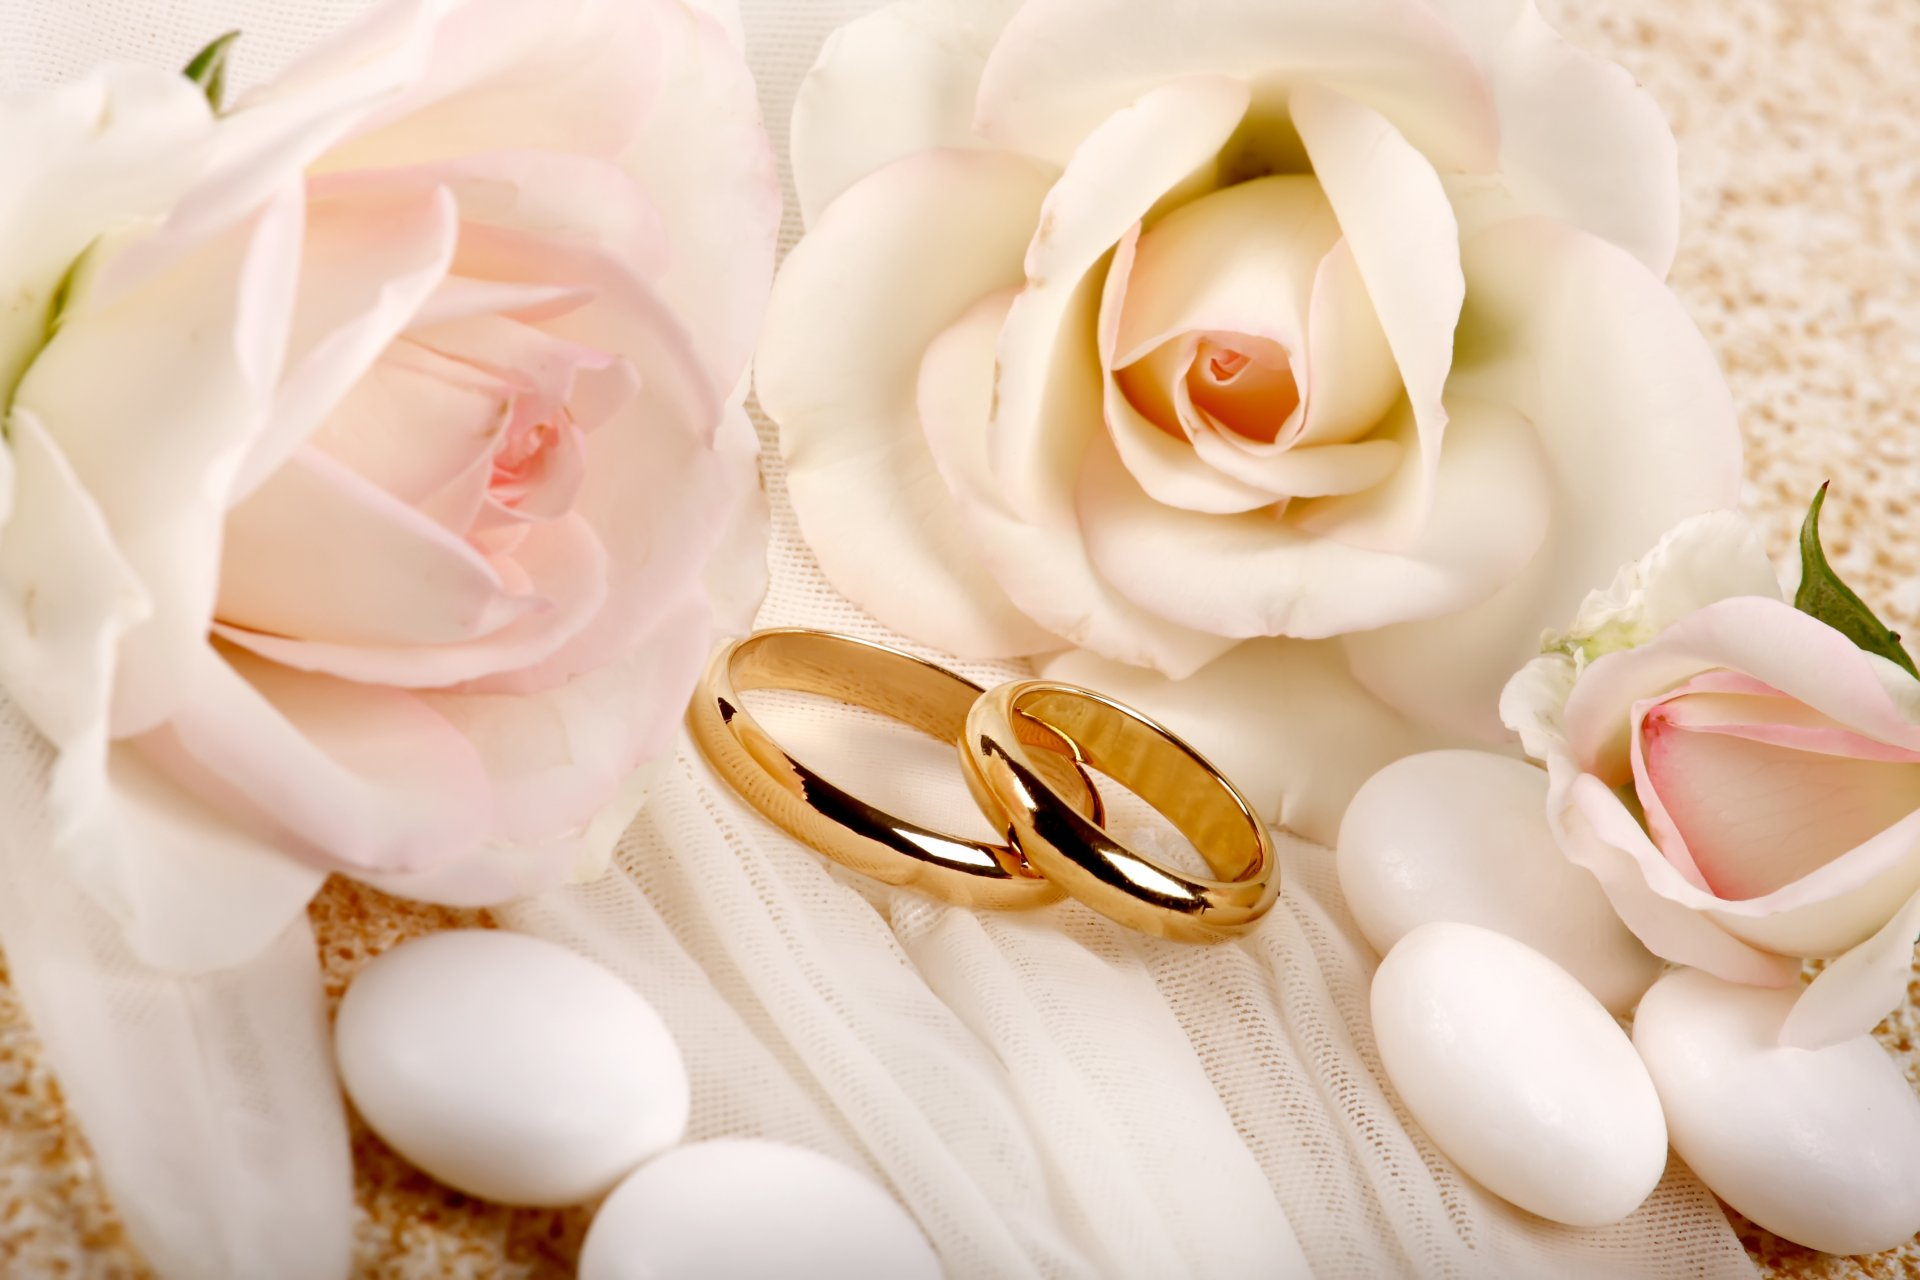 Поздравления друзьям с годовщиной свадьбы своими словами 49